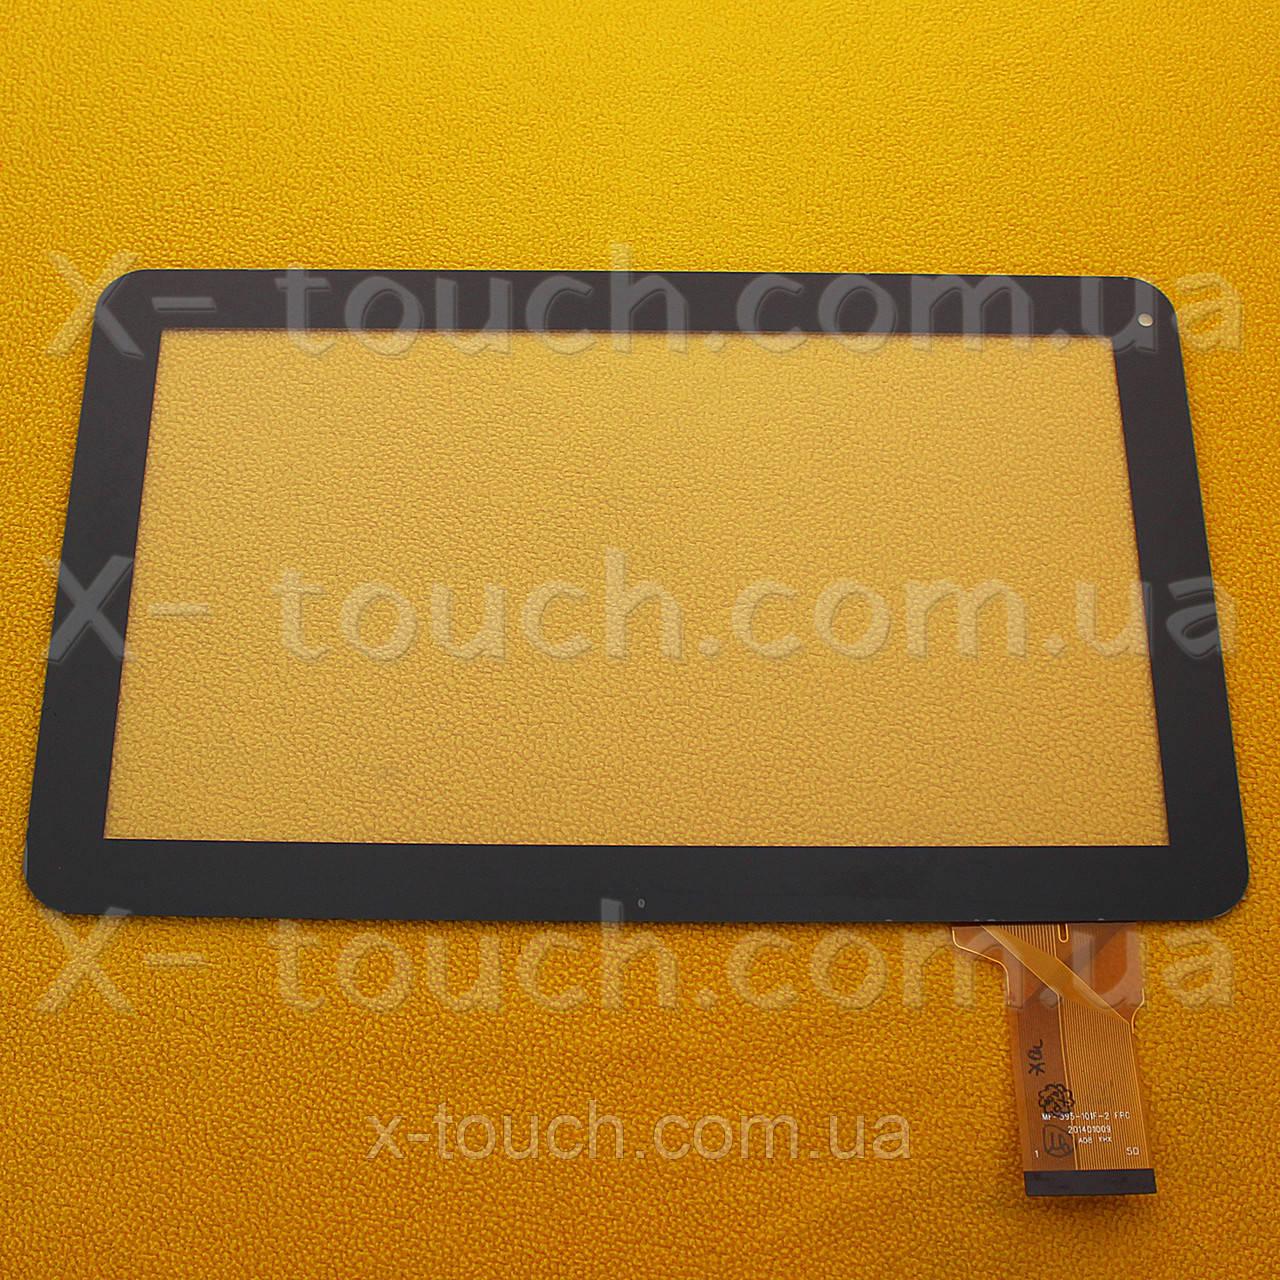 Тачскрин, сенсор Assistant AP-110 для планшета